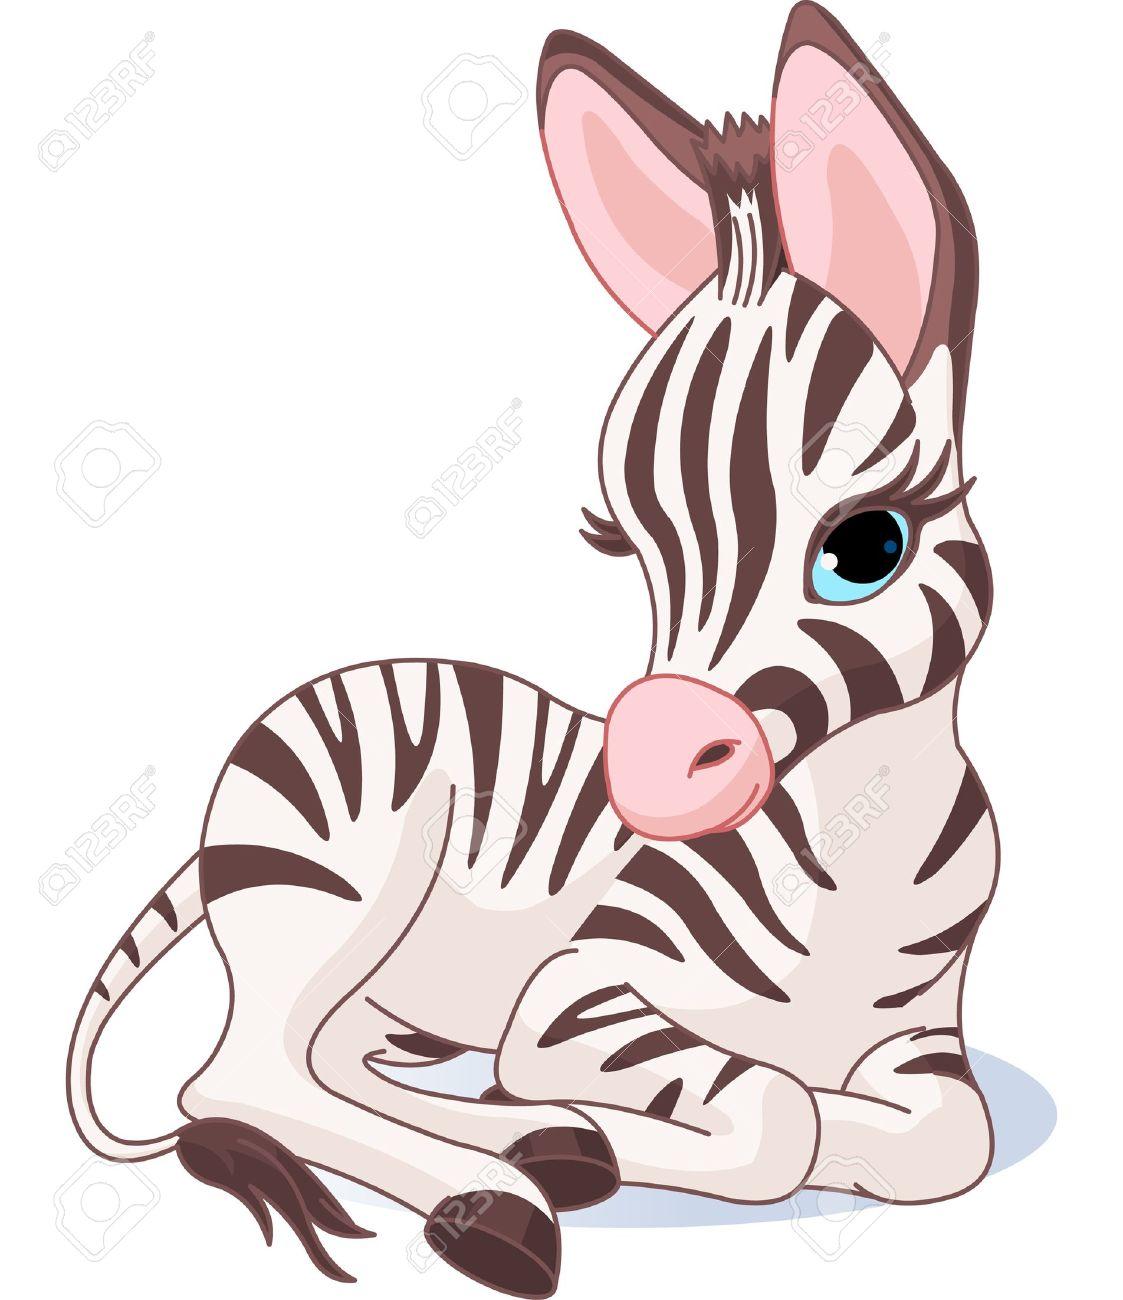 かわいいシマウマ子馬のイラストのイラスト素材ベクタ Image 19704445